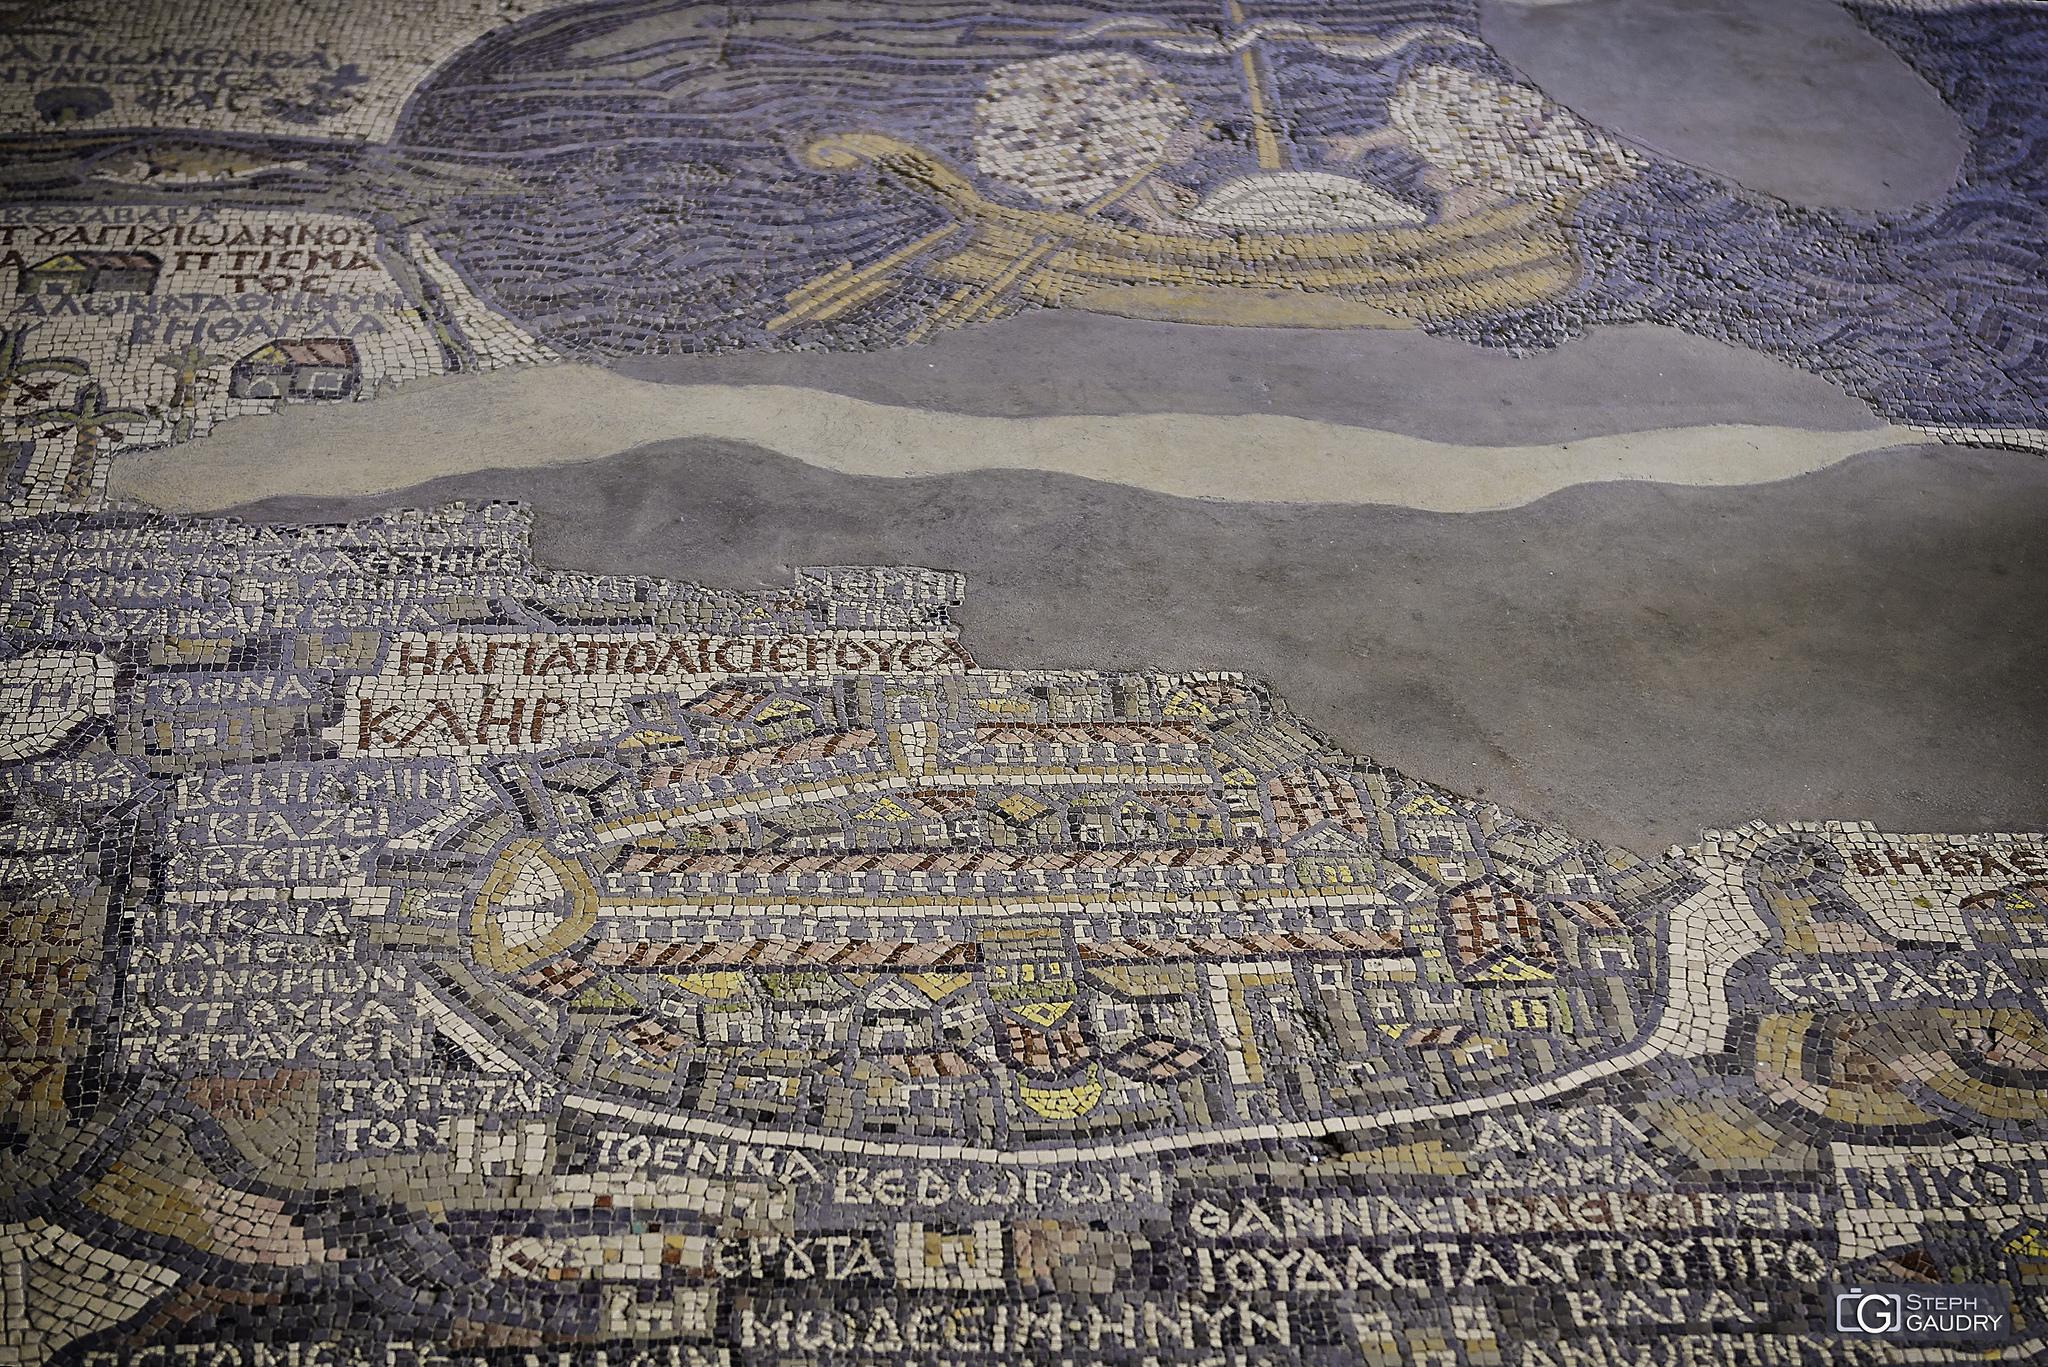 Mosaïque de la carte de Madaba - Jerusalem